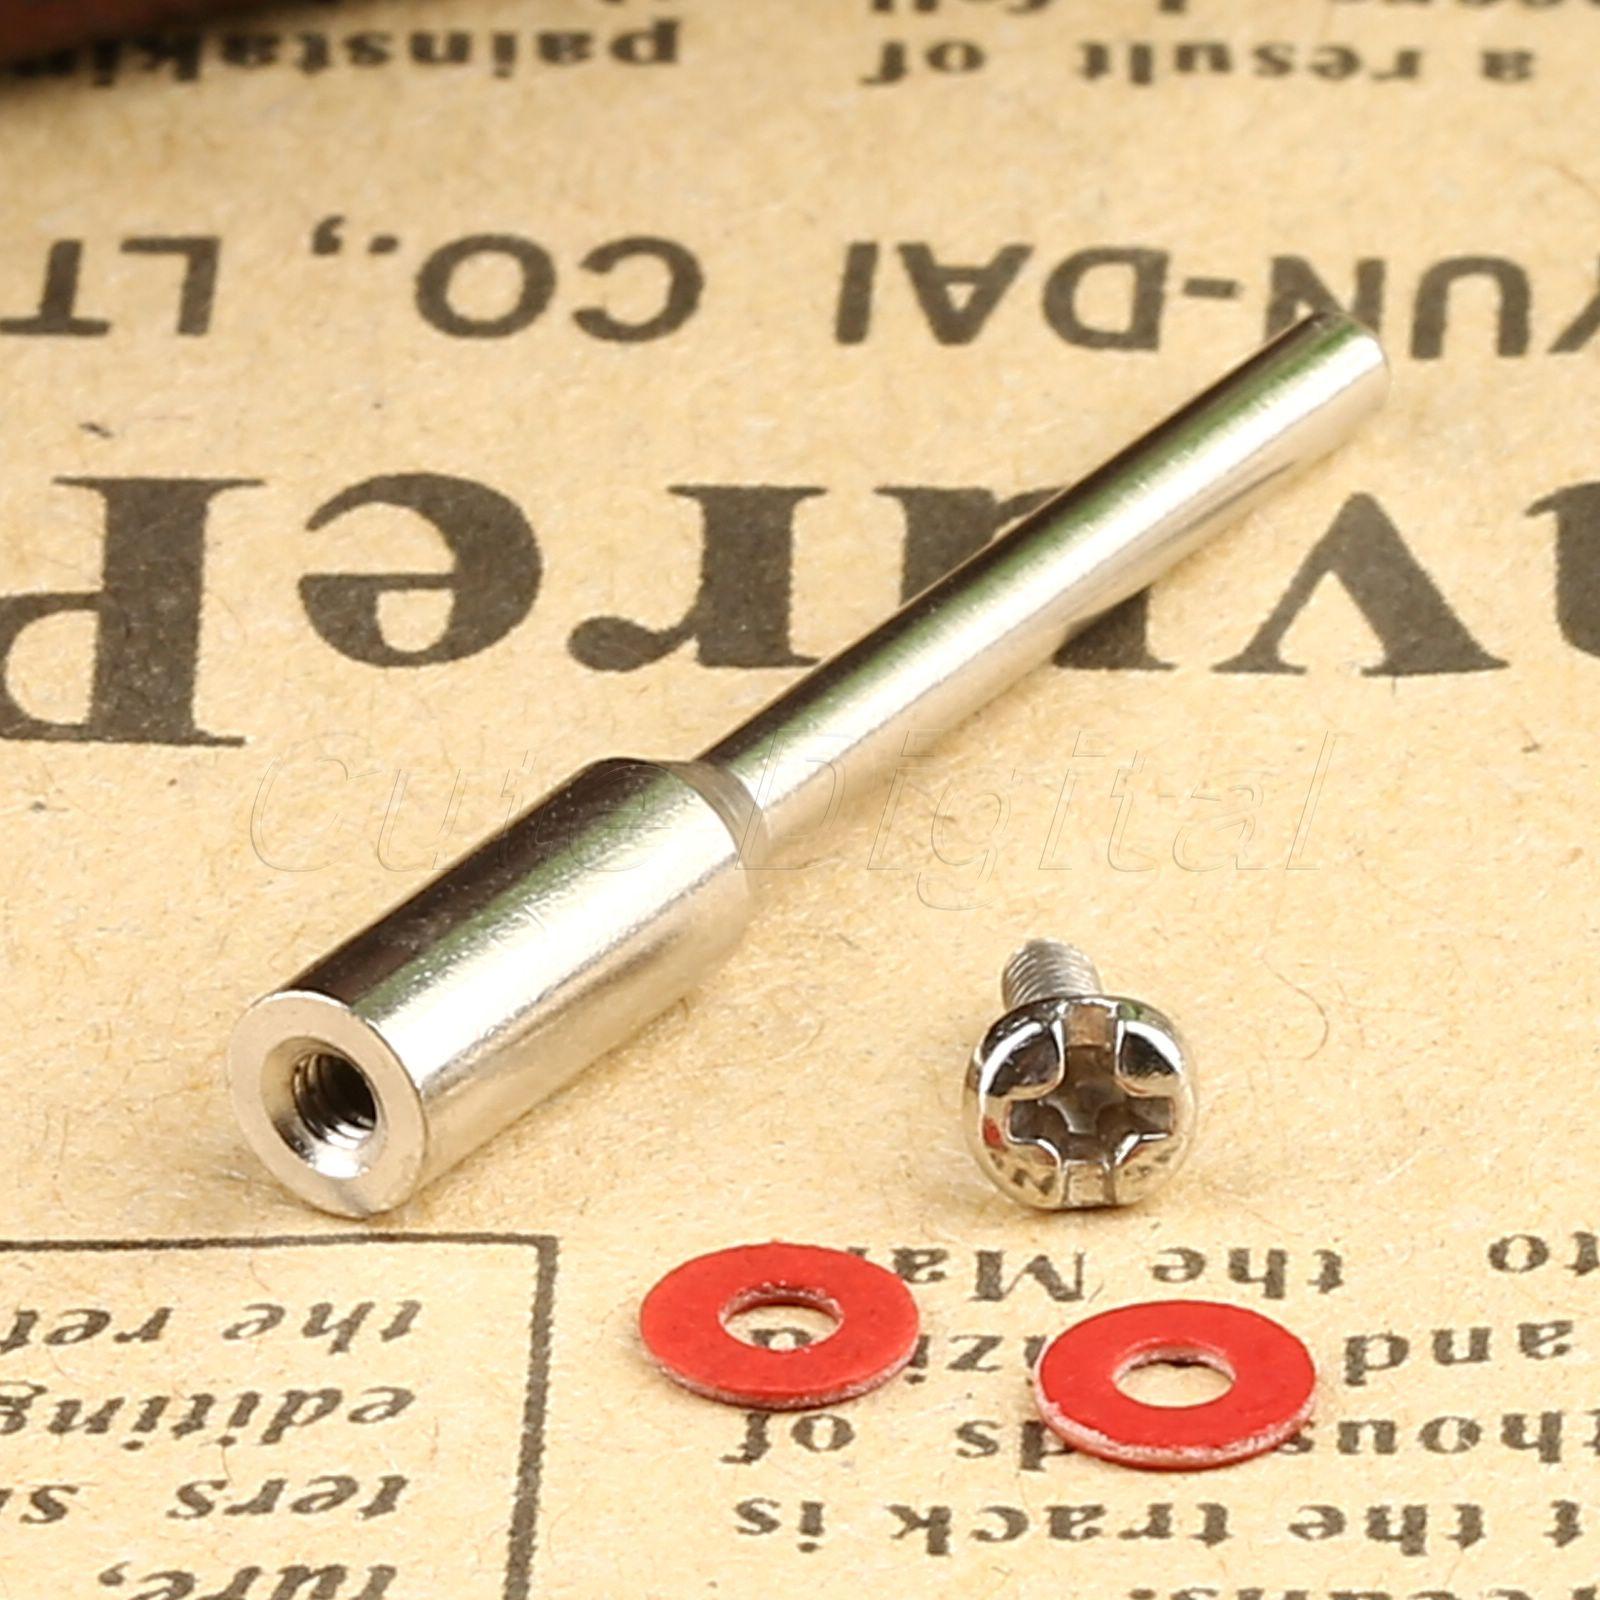 DRELD 10бр. Dremel аксесоари 2.35mm полиращо - Абразивни инструменти - Снимка 4